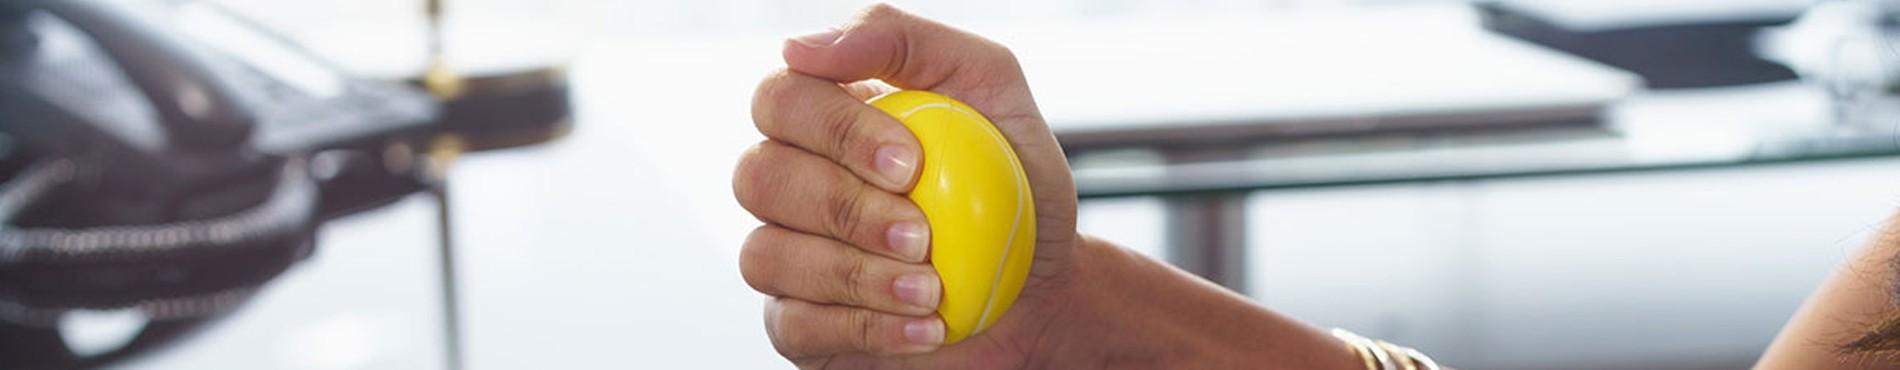 Balles Anti-stress Publicitaires Personnalisées